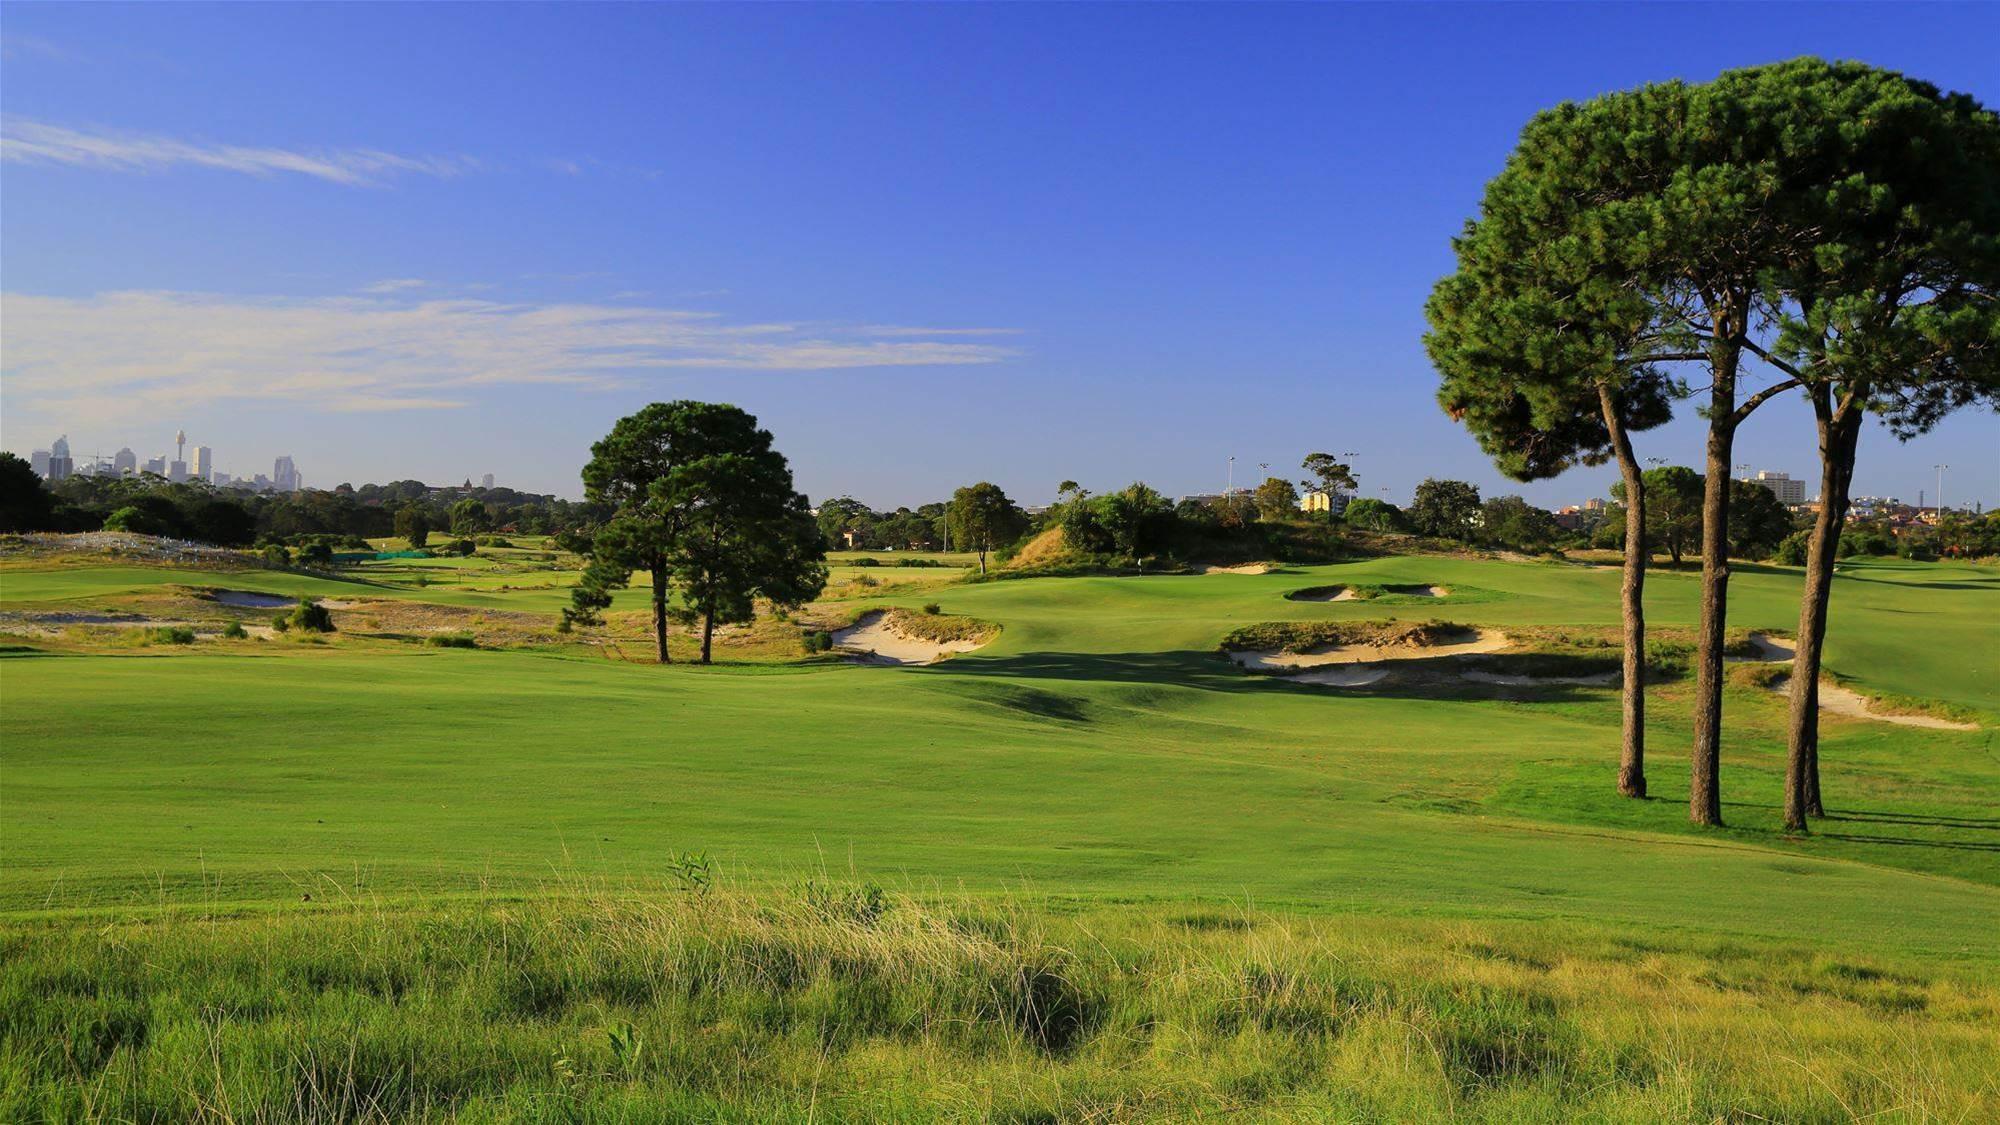 REVIEW: Bonnie Doon Golf Club